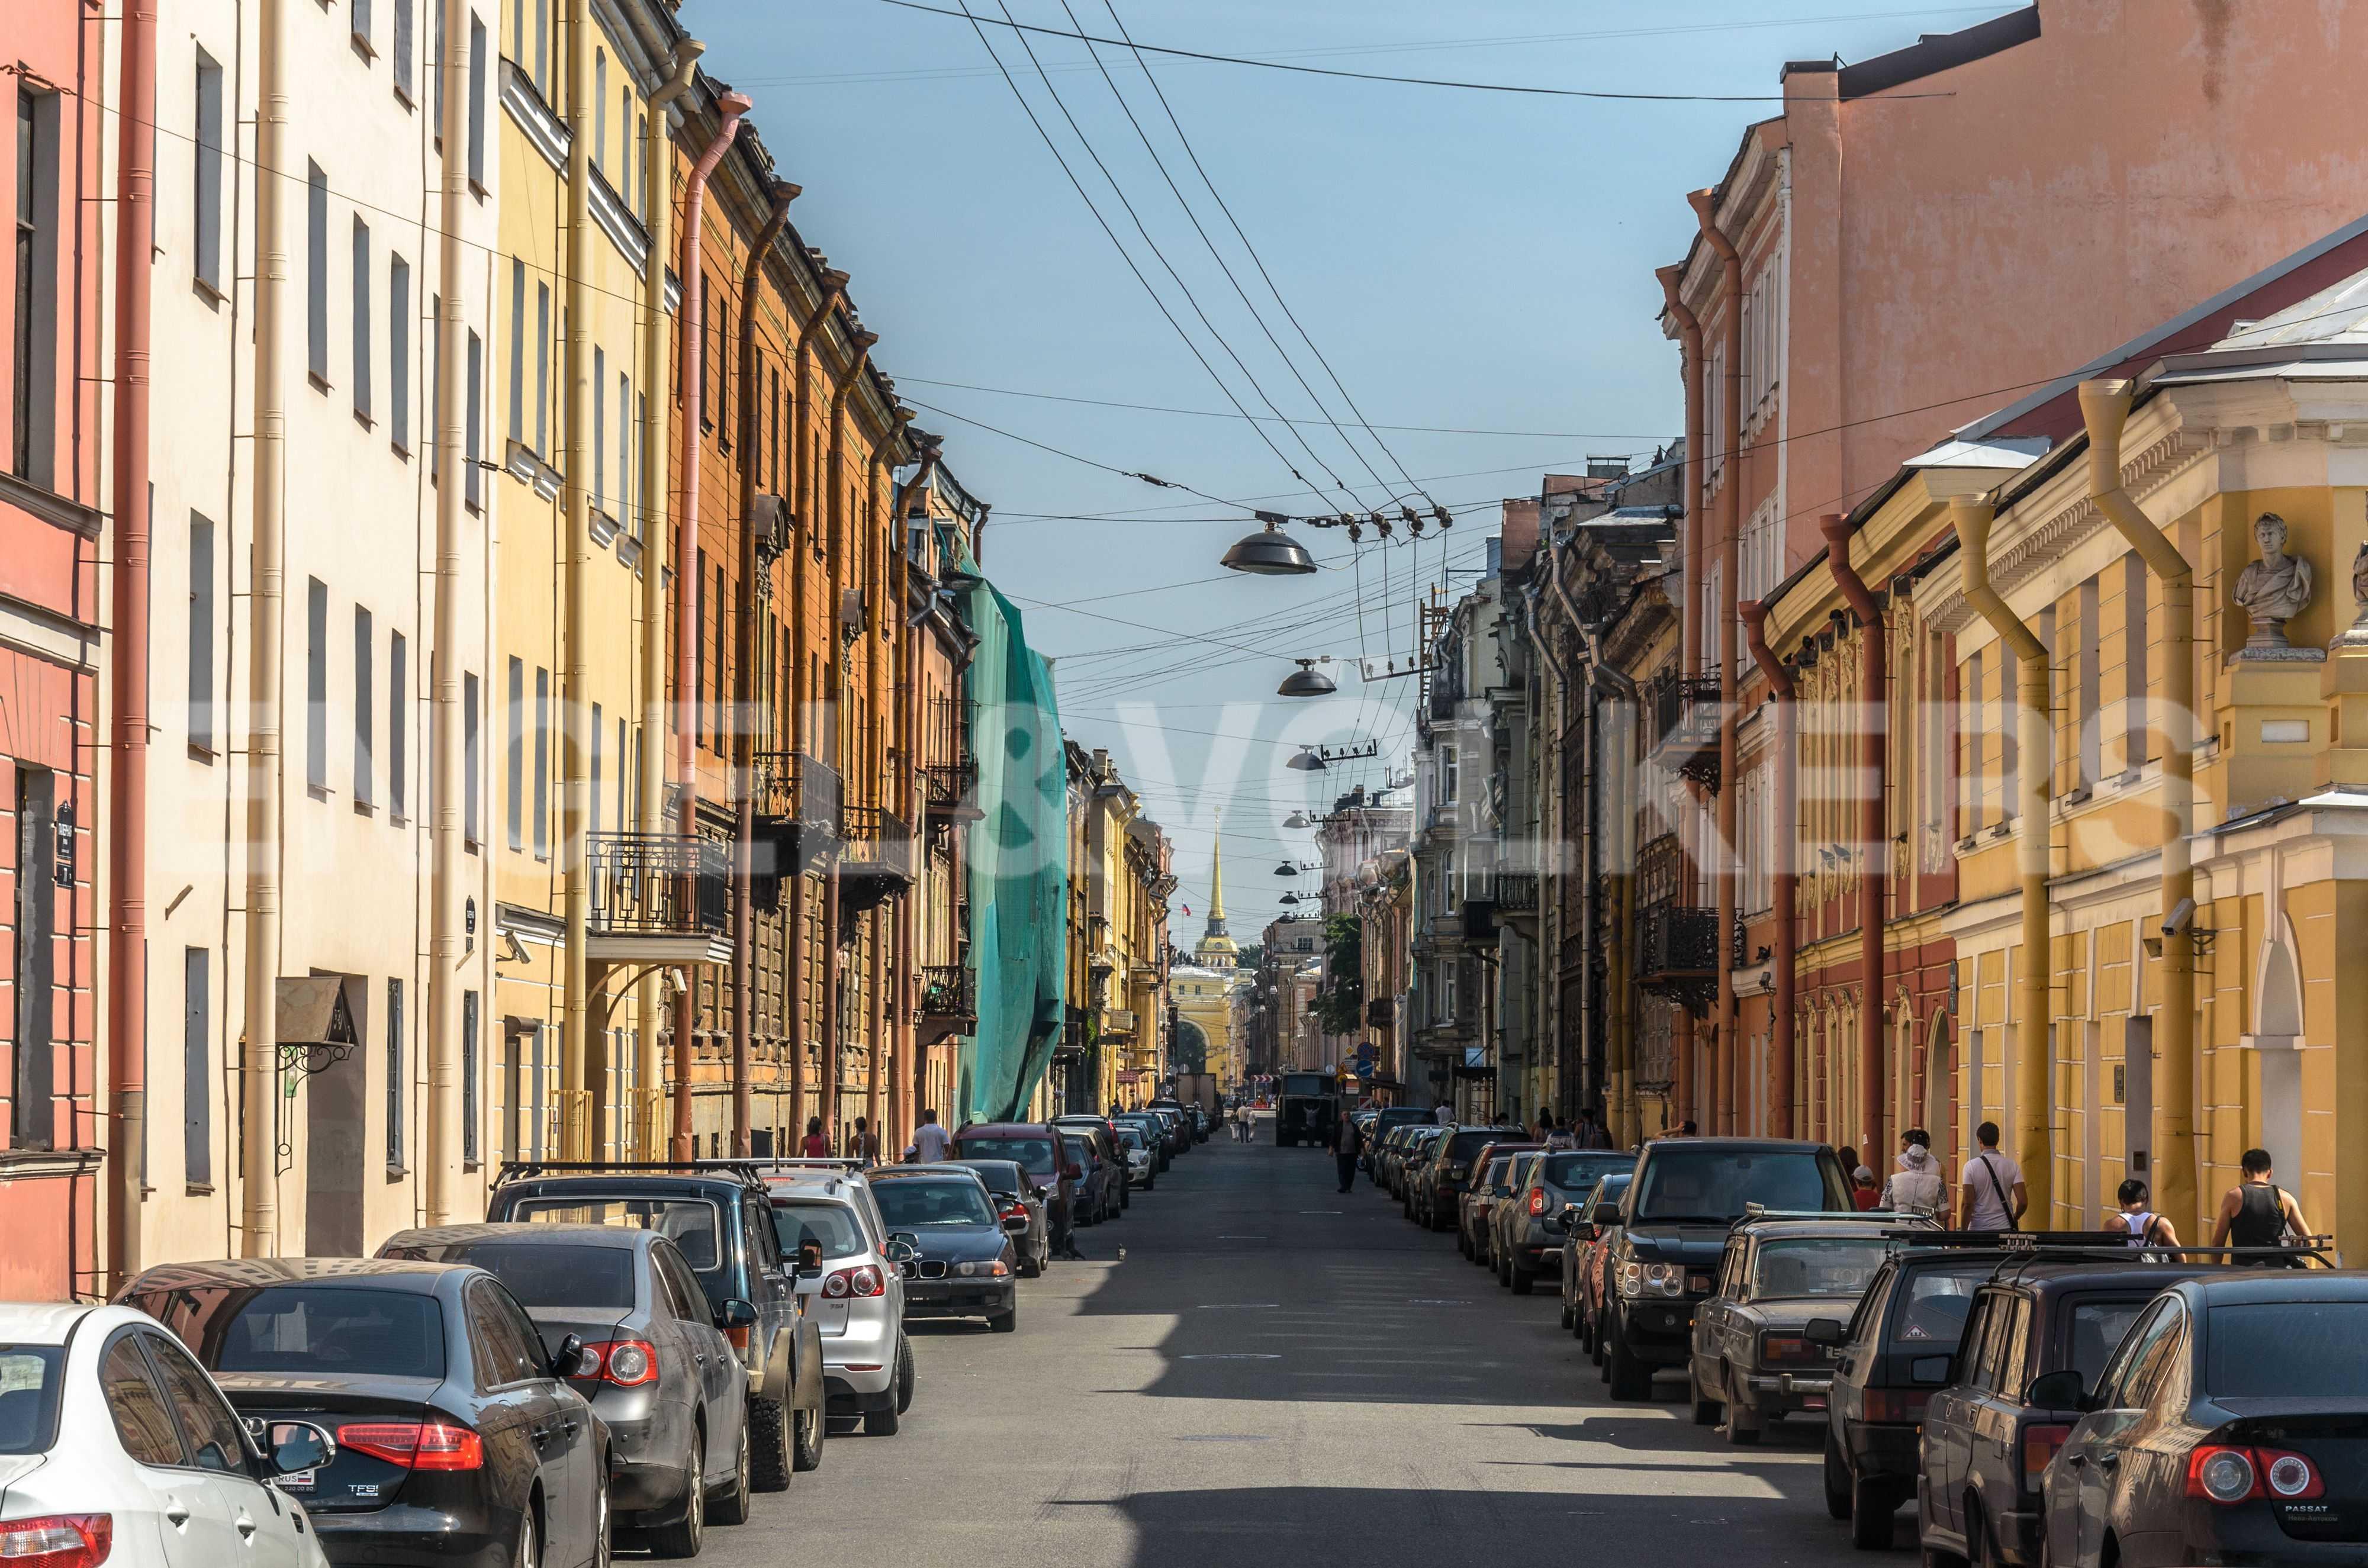 Элитные квартиры в Центральном районе. Санкт-Петербург, наб. Адмиралтейского канала, 15. Галерная улица